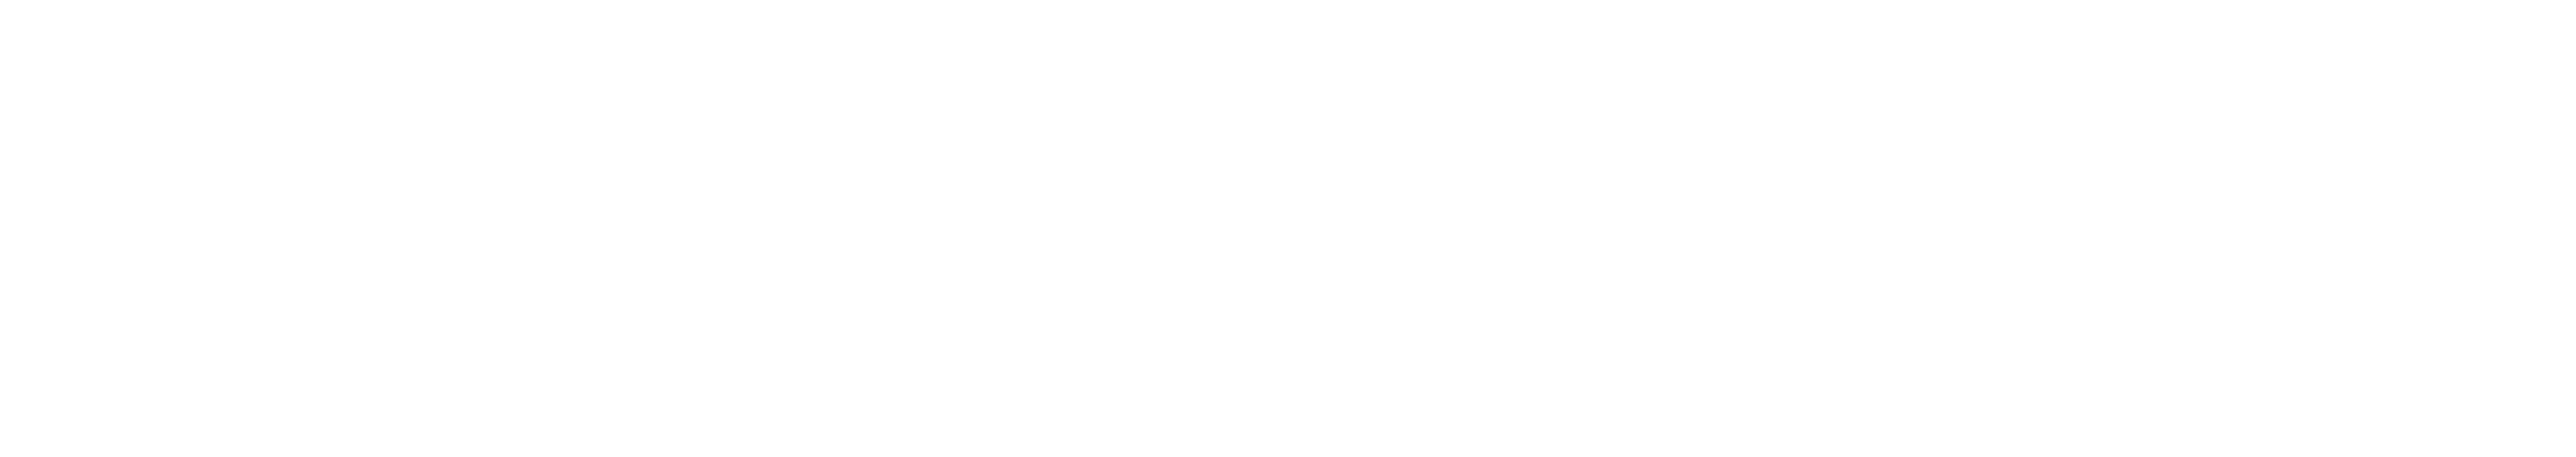 SMEs Go Digital Logo White